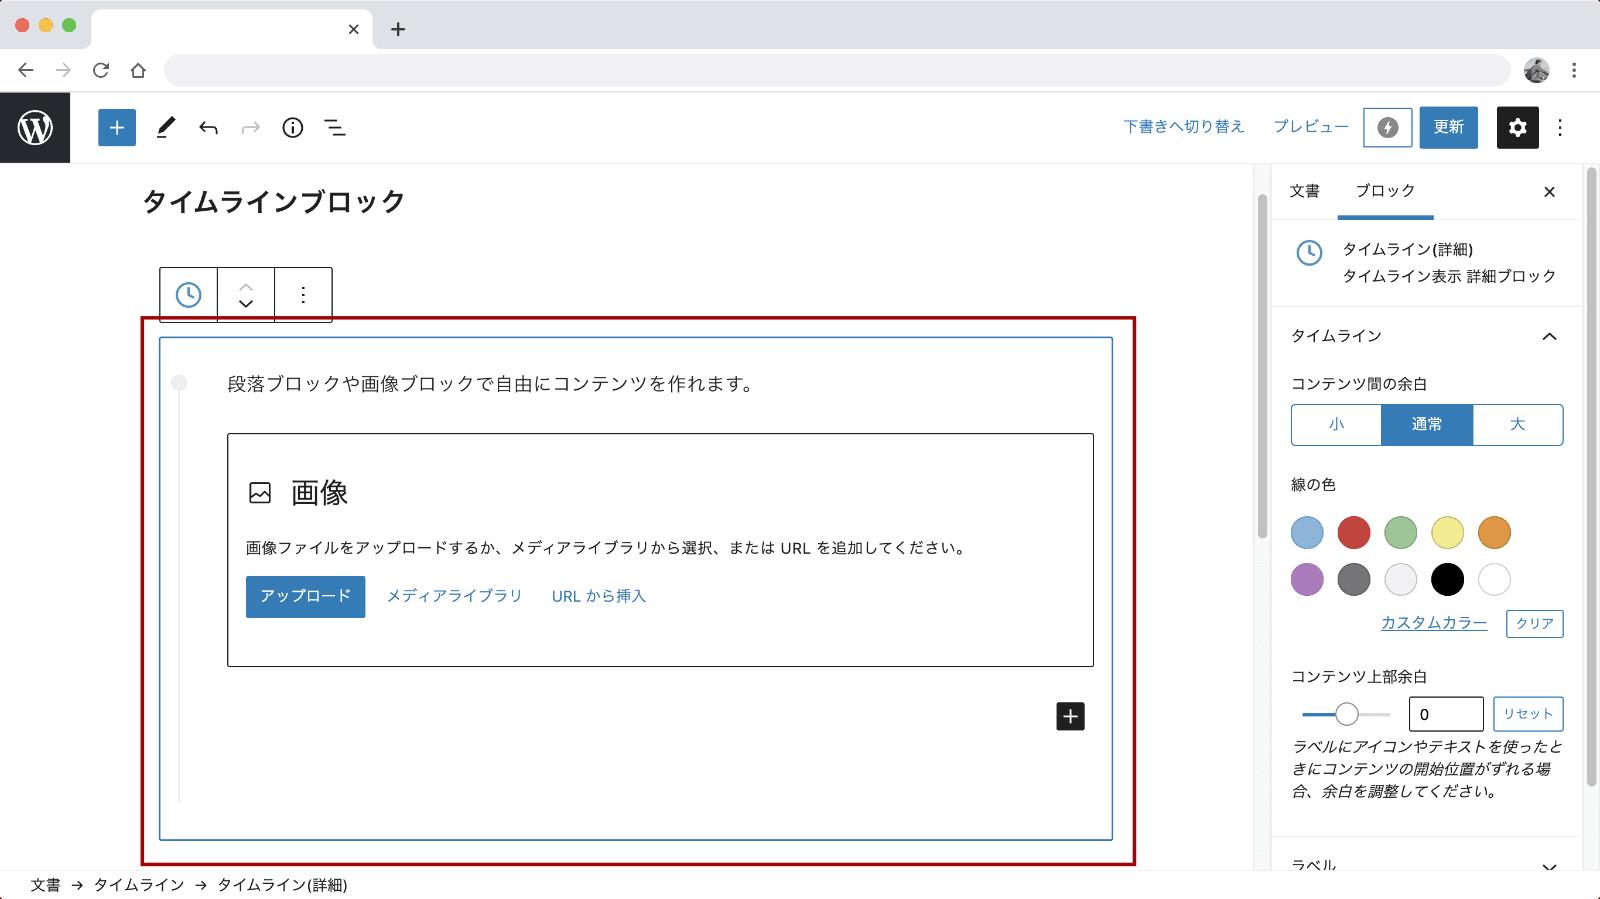 タイムラインのコンテンツ編集